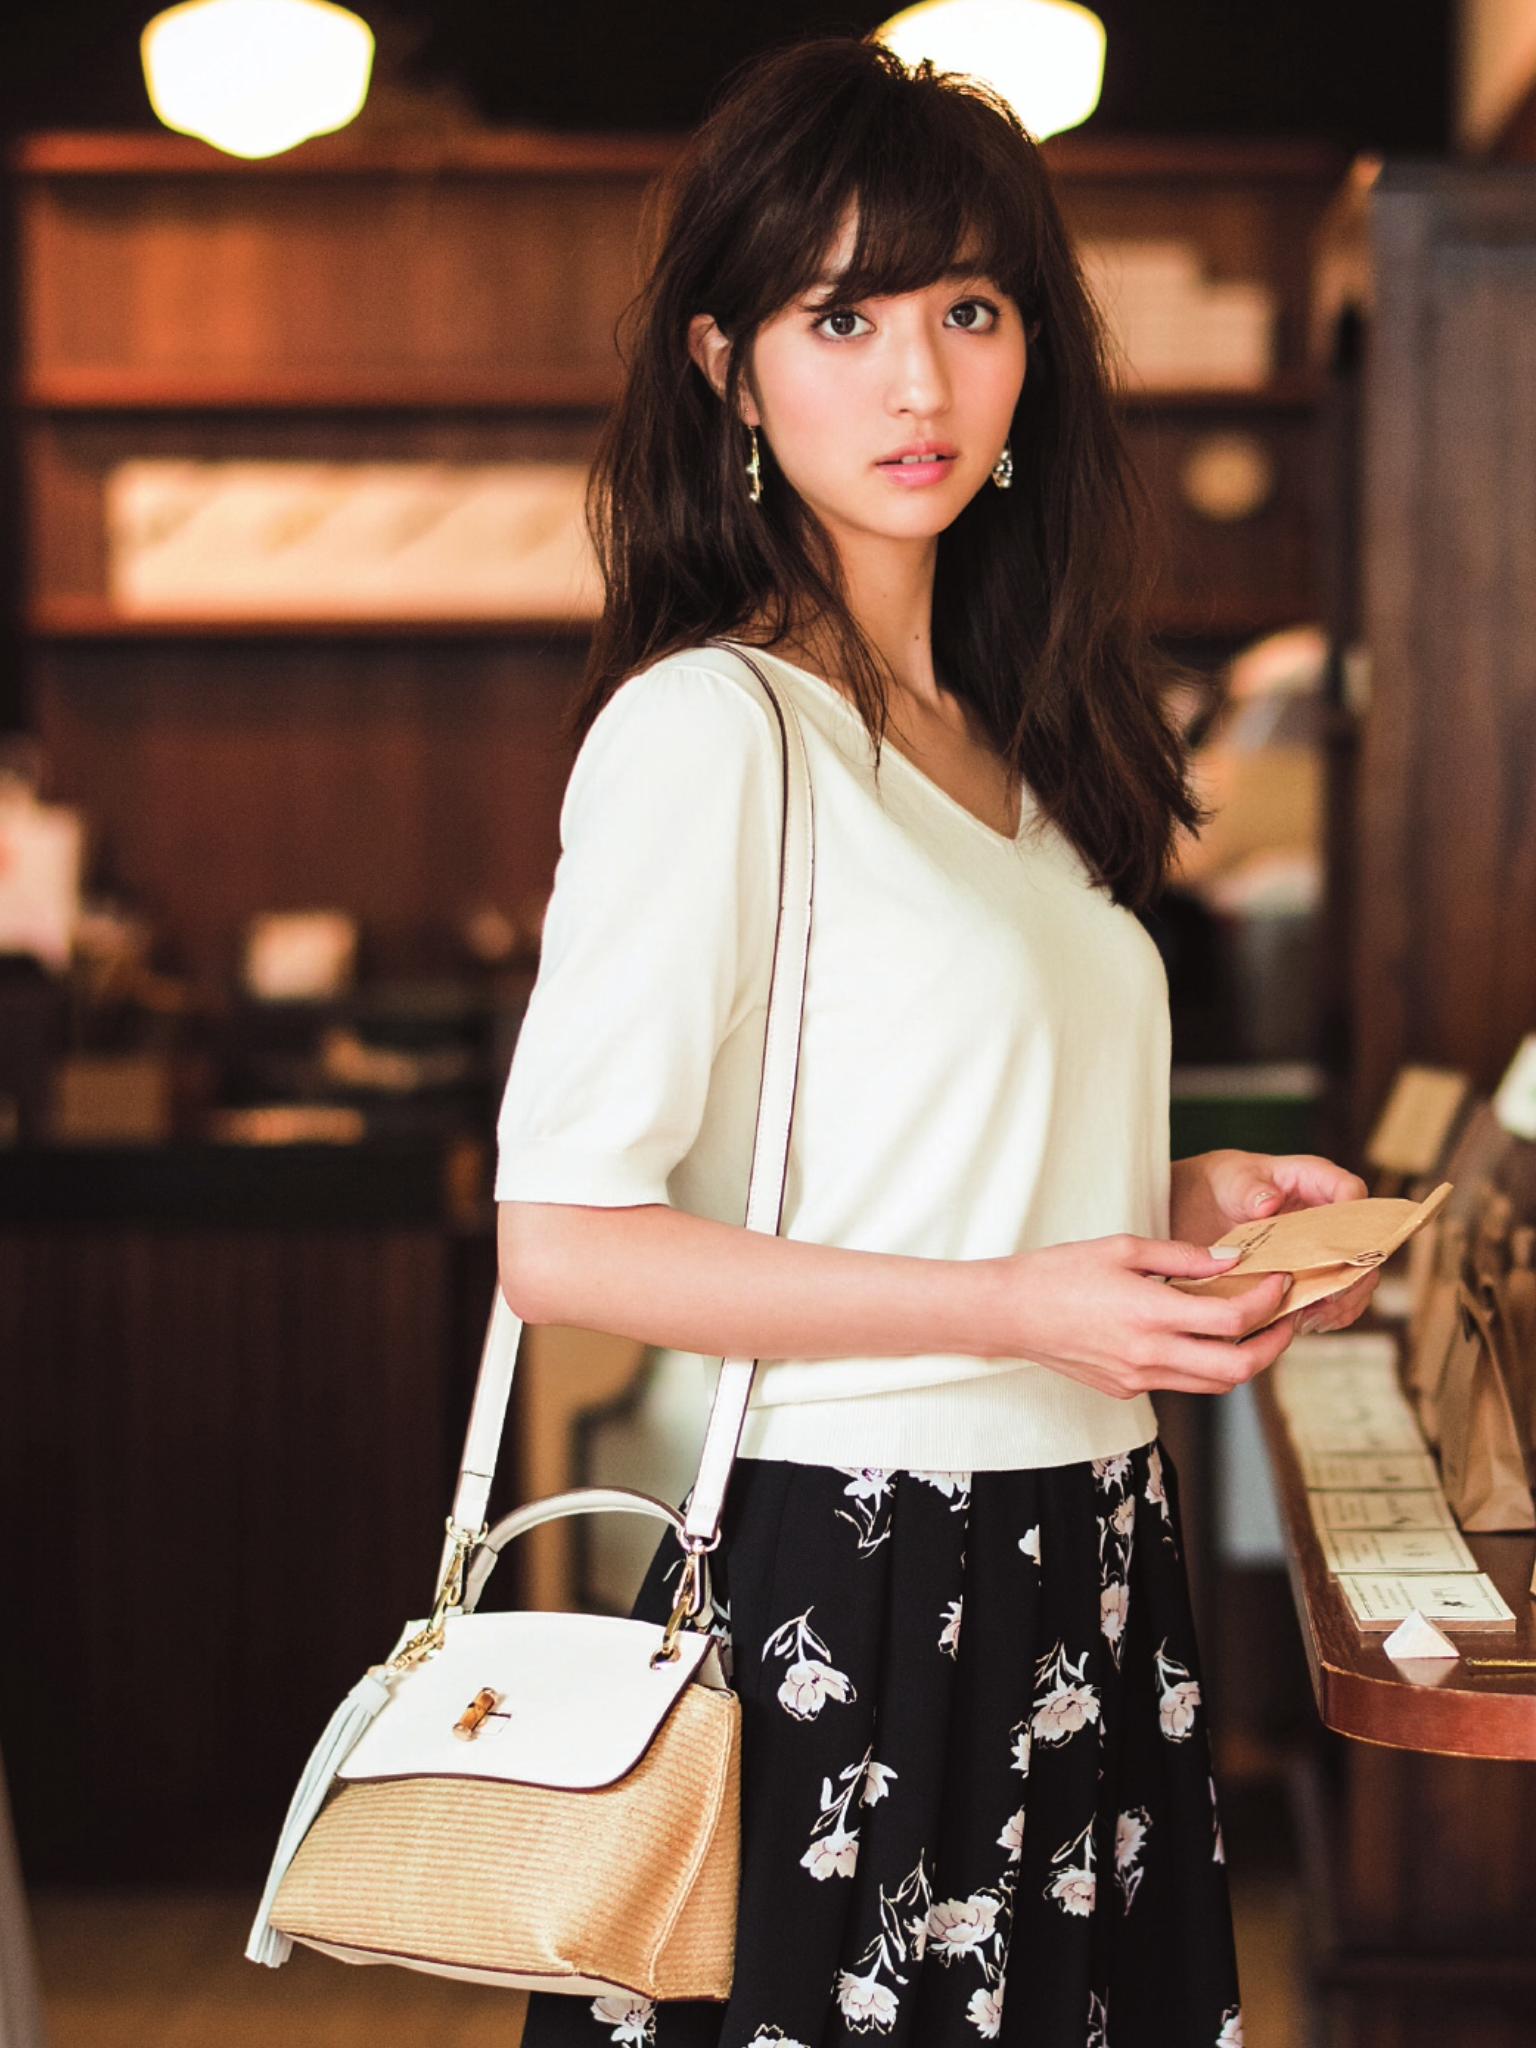 メモリ16 おしゃれまとめの人気アイデア Pinterest パソリprime4 かっこいい女 モデル 女性